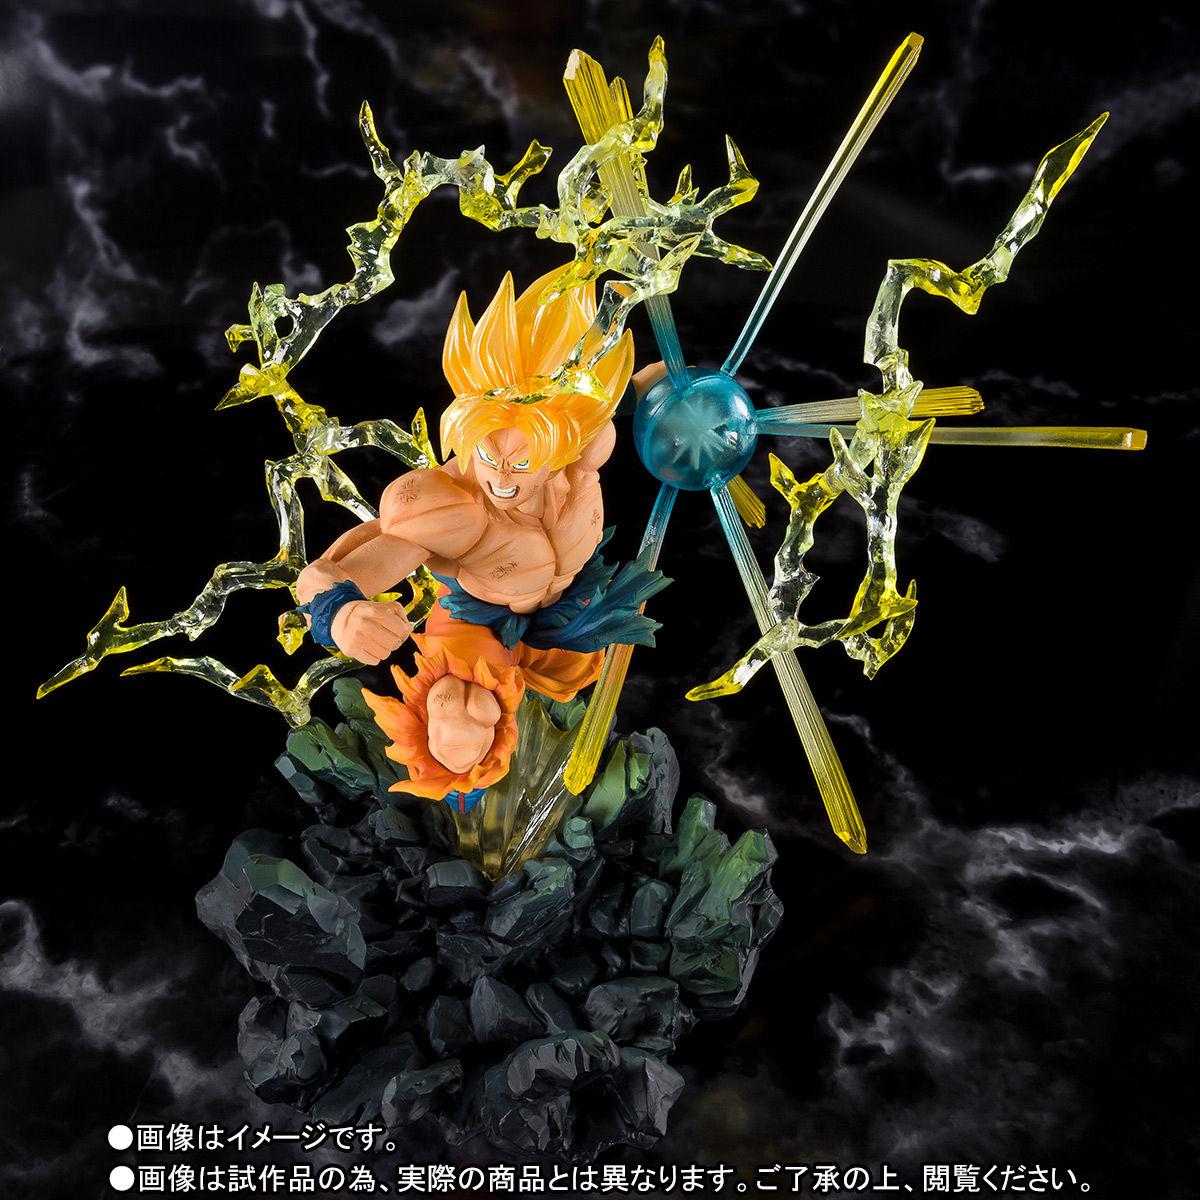 フィギュアーツZERO『スーパーサイヤ人孫悟空 -熱戦-』ドラゴンボールZ 完成品フィギュア-002